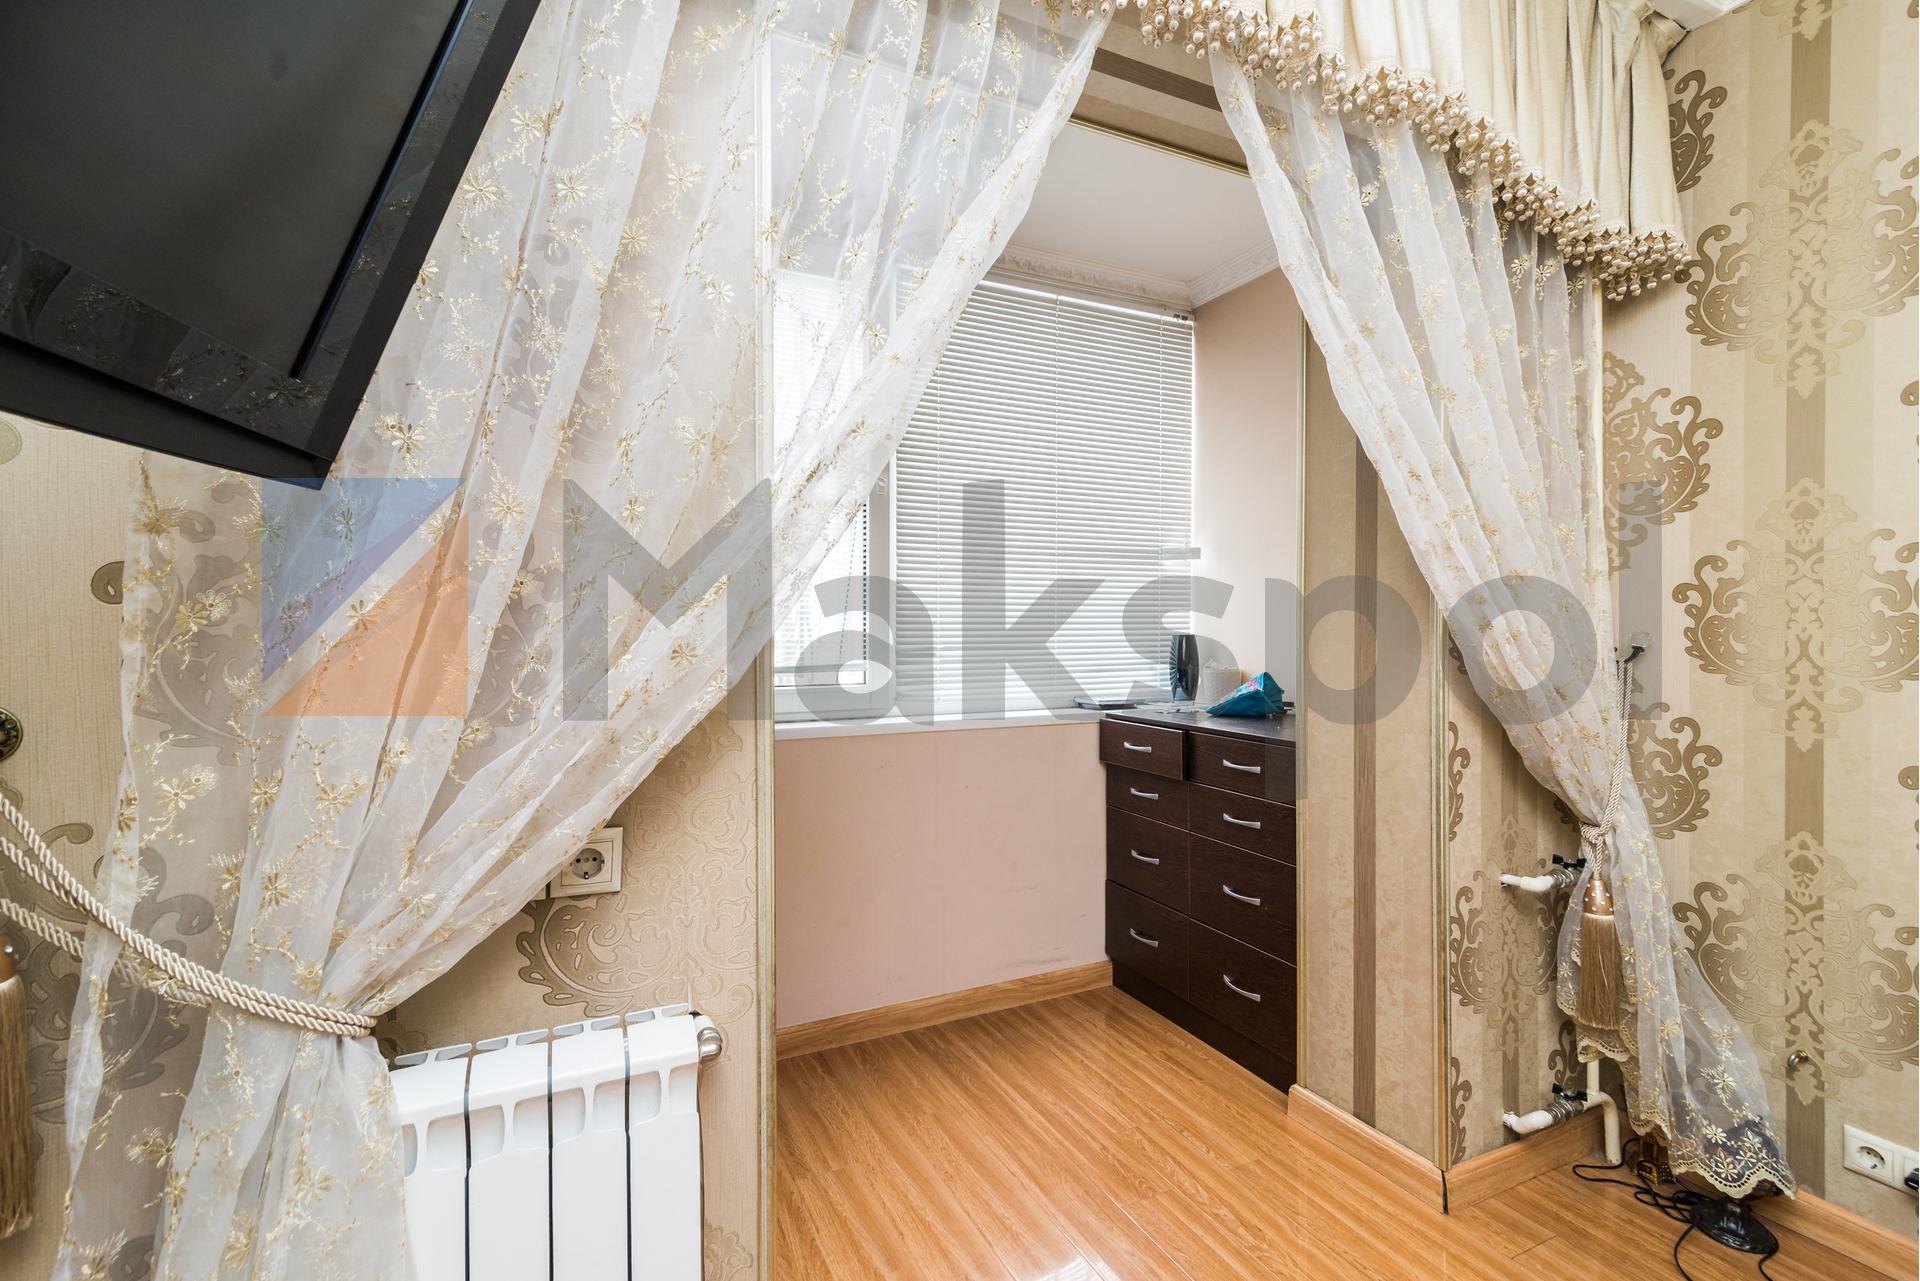 Эксклюзивная квартира для большой семьи по реальной цене!!! 10